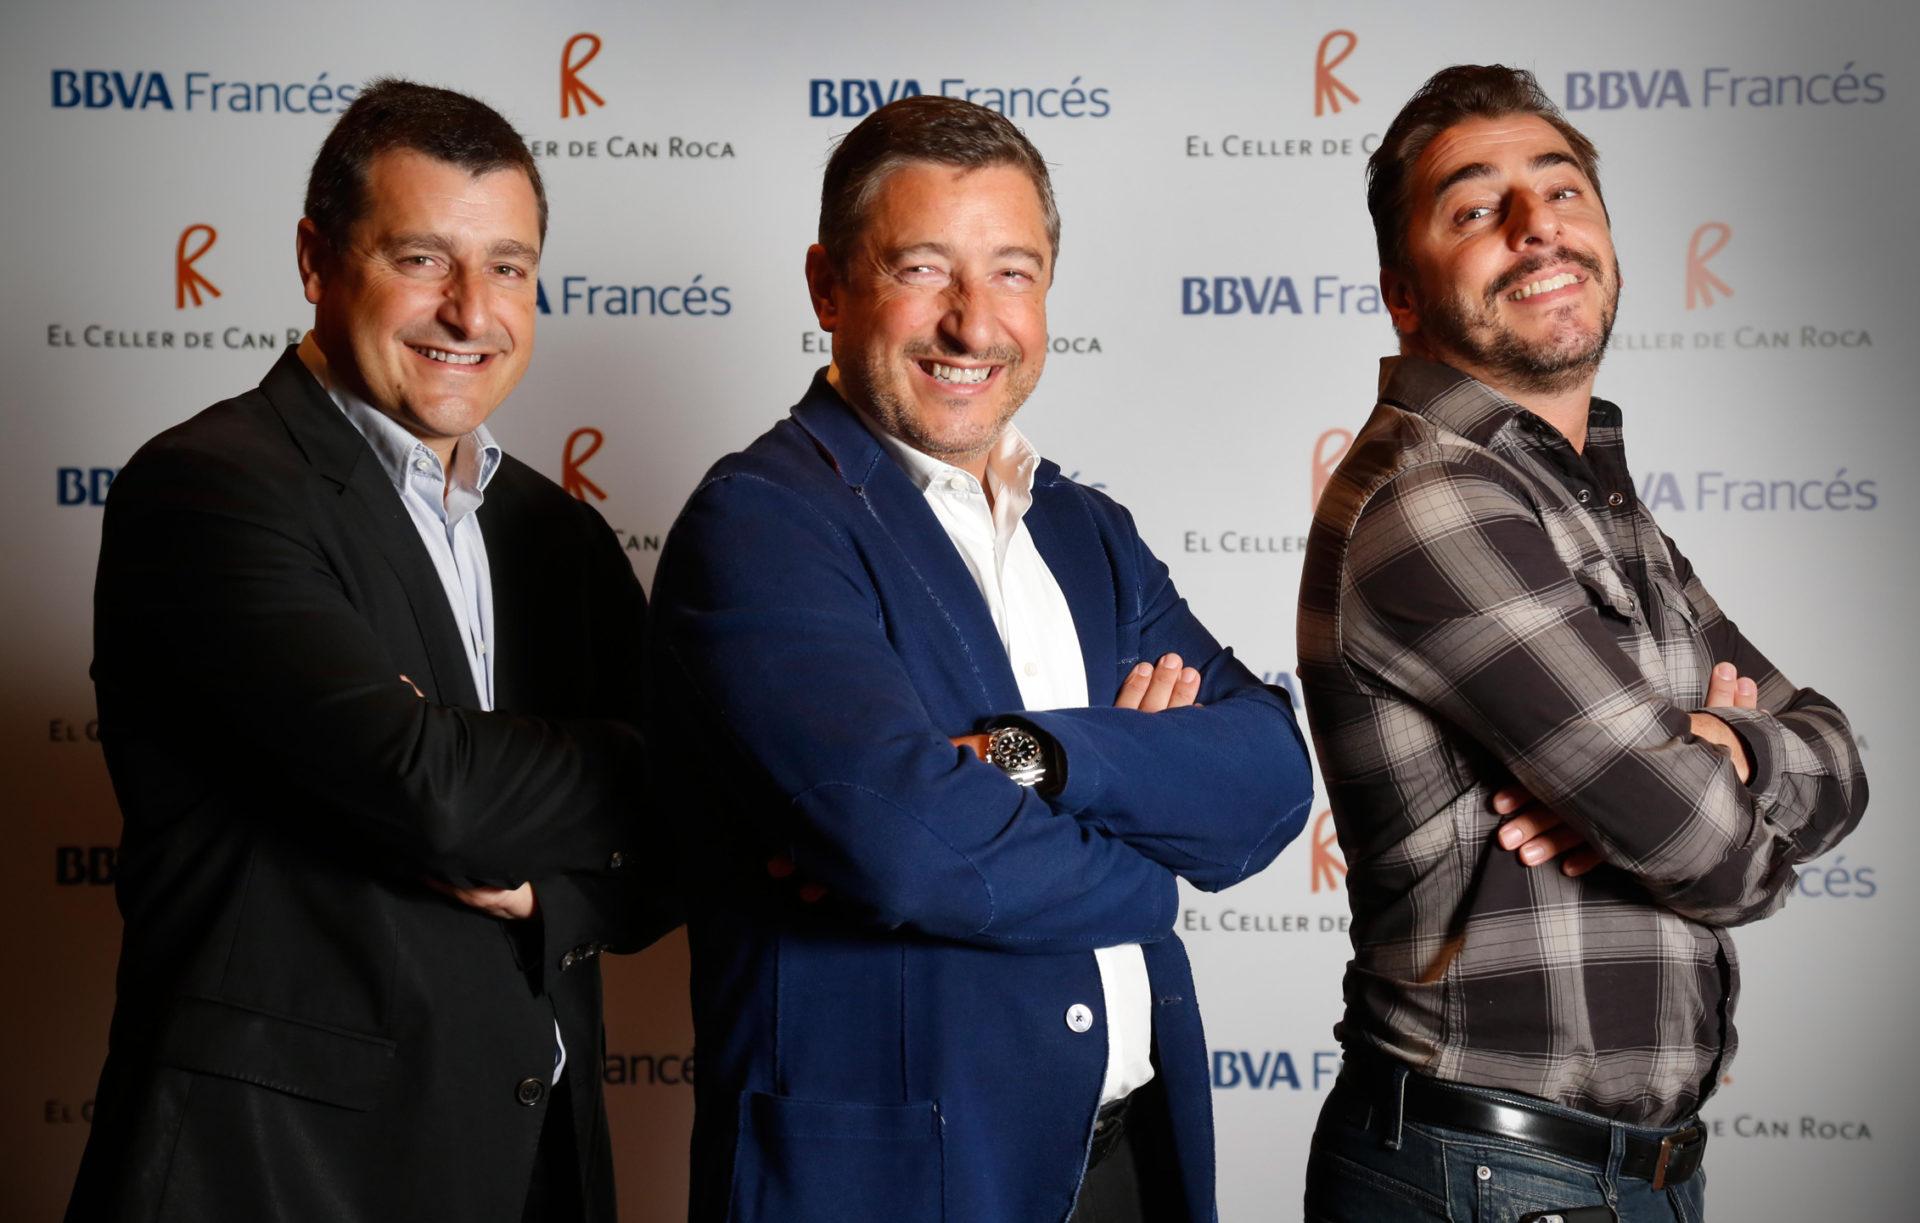 Fotografía de los hermanos Roca Celler de can Roca en Argentina Gira 2015 BBVA